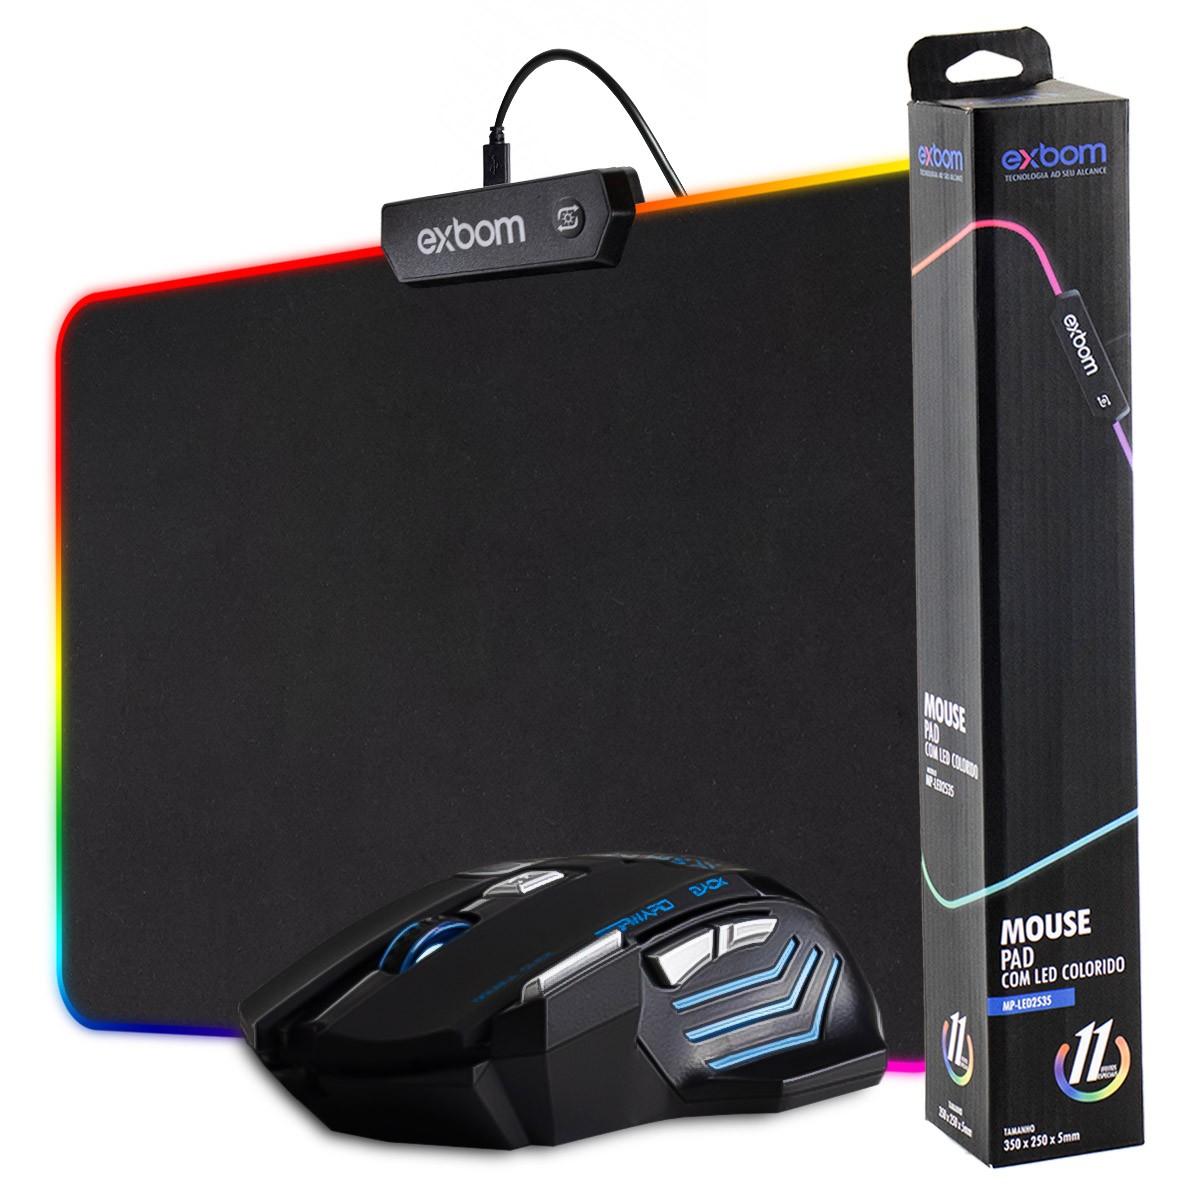 KIT Mouse Gamer LED USB 7 Botões e DPI Ajustável Infokit GM-700 + Mouse Pad Gamer LED RGB 7 Cores 250x350x4mm Exbom MP-LED2535